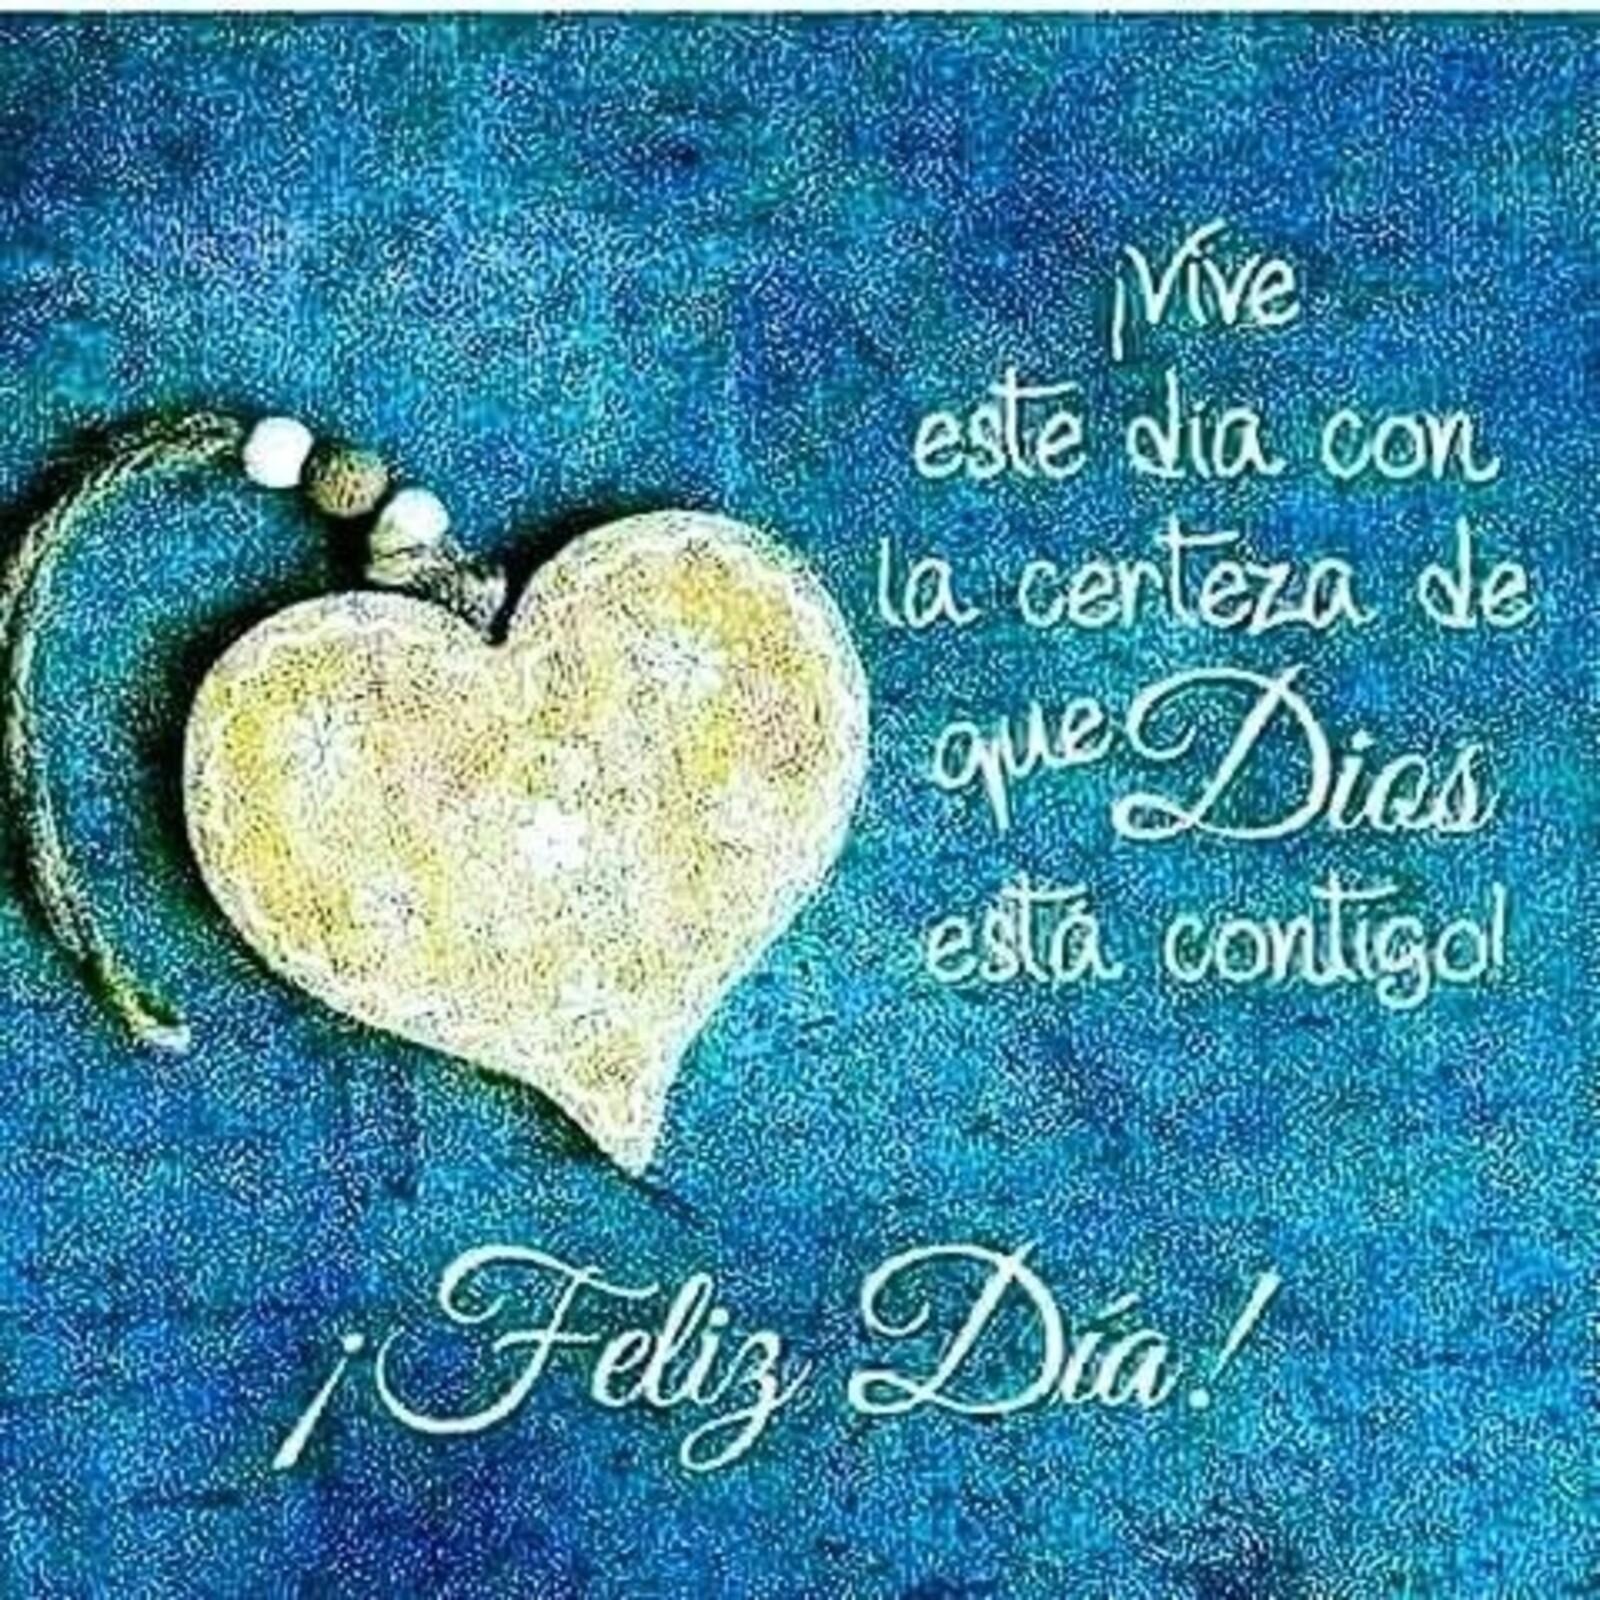 Vive este día con la certeza de que Dios está contigo...Feliz día